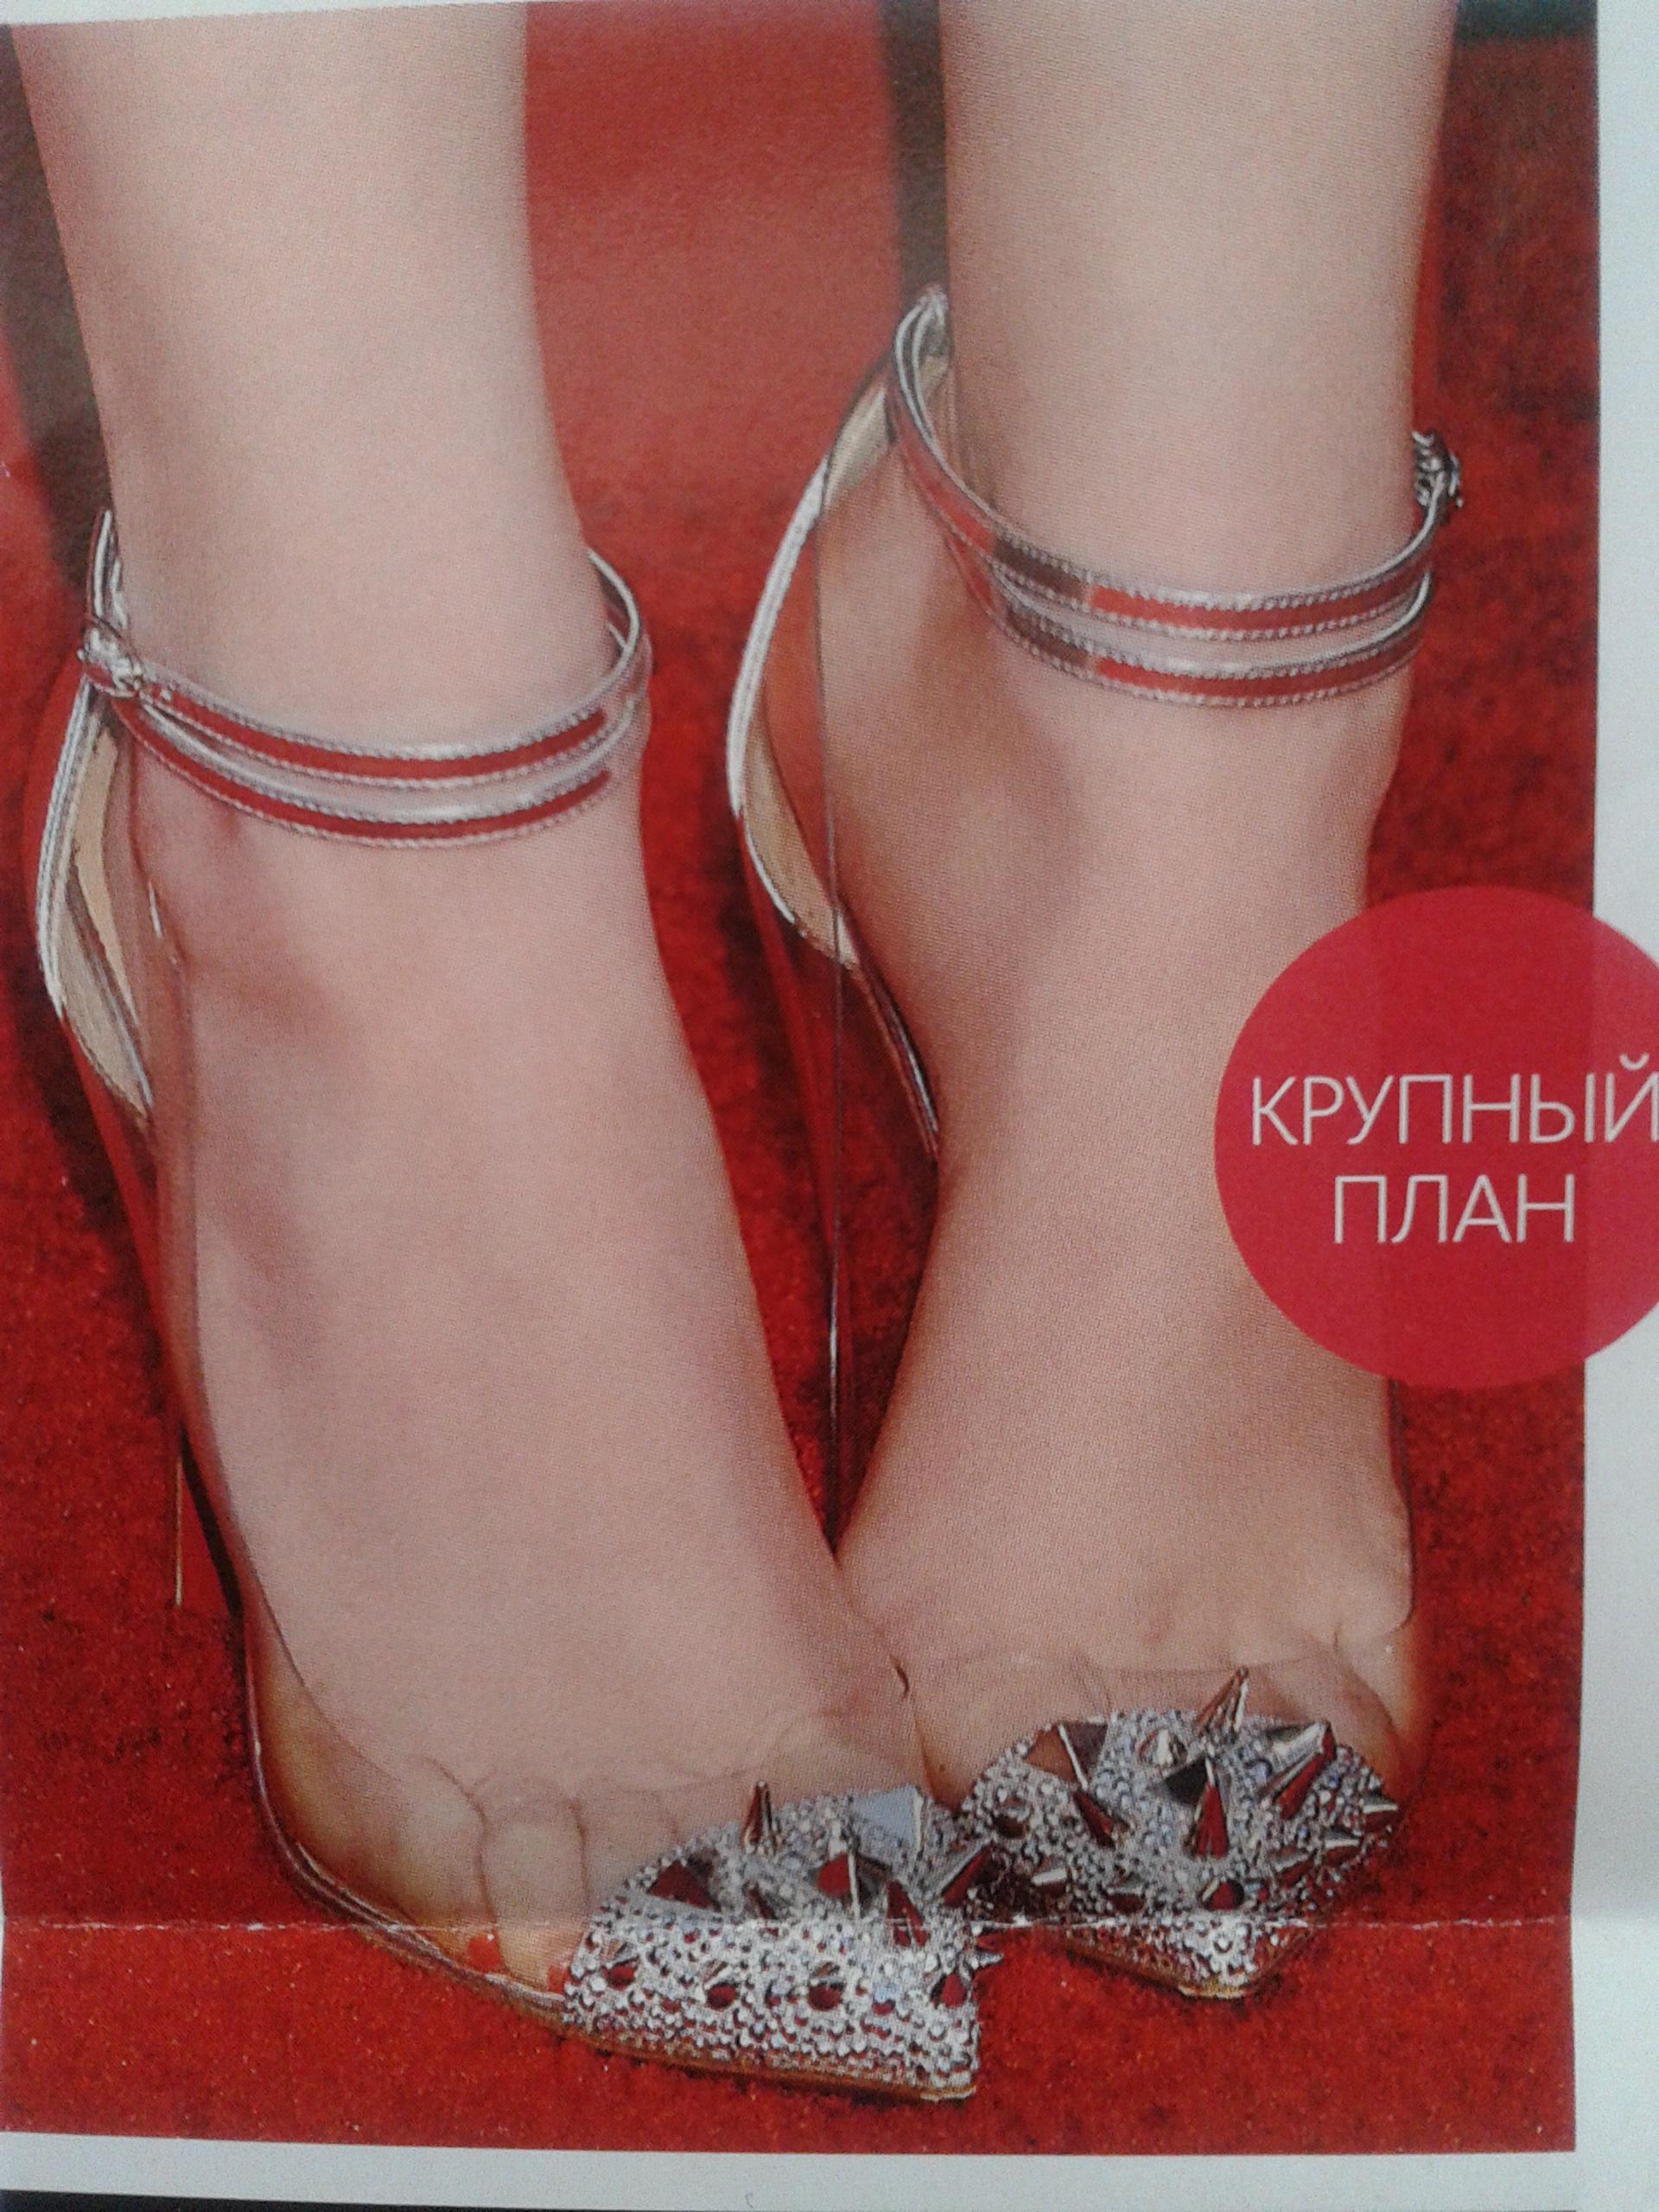 Эротическая обувь фото 14 фотография